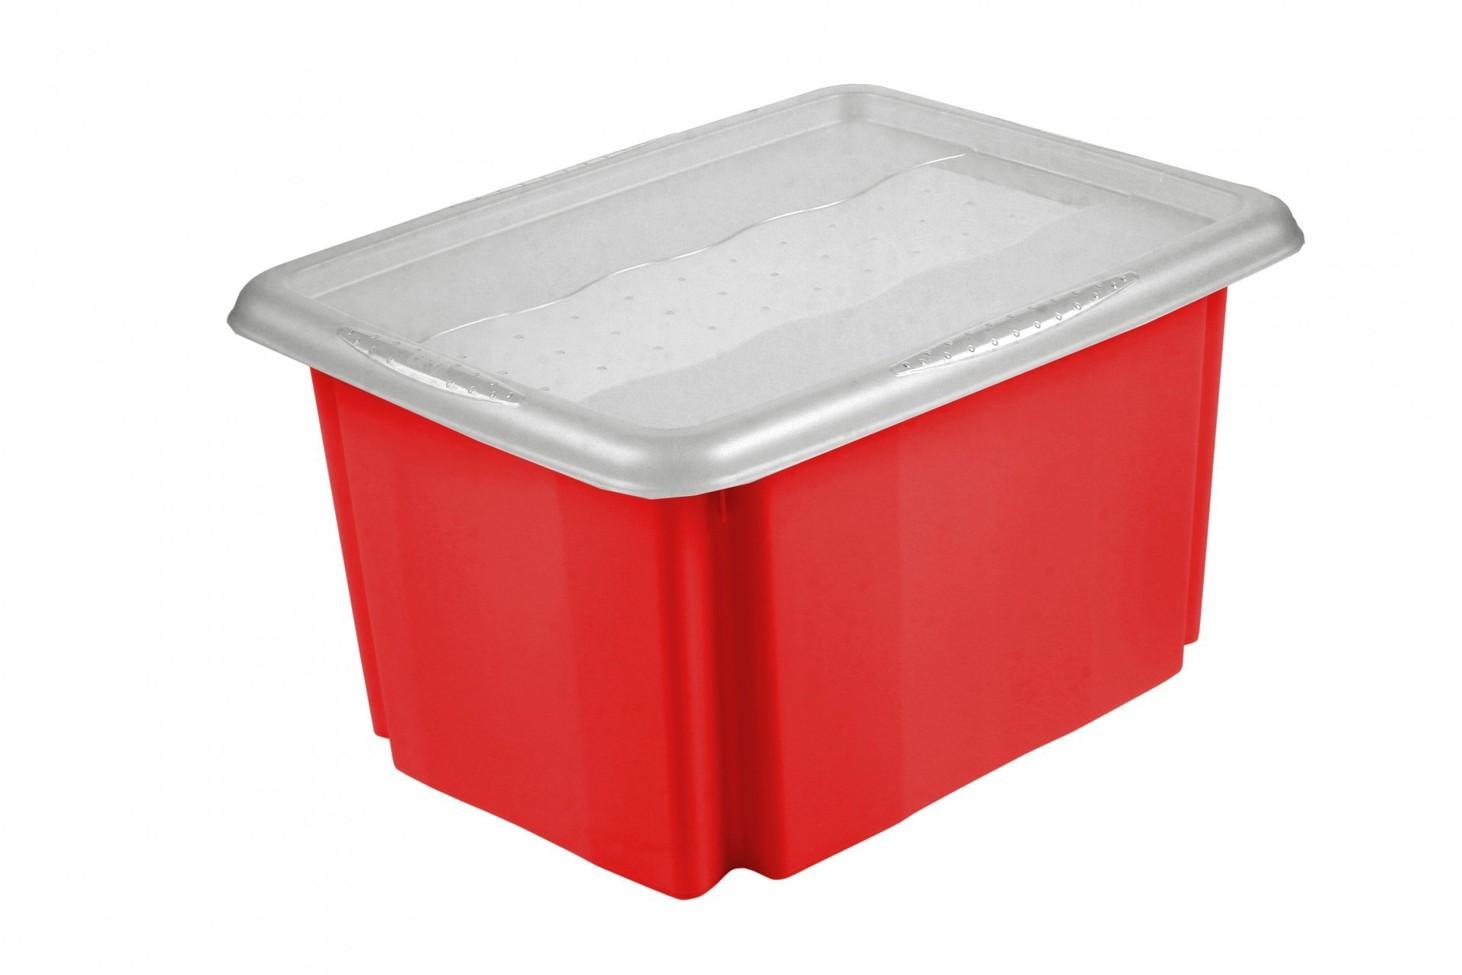 Keeeper Úložný box s víkem Emil & Emilia, červený 24L